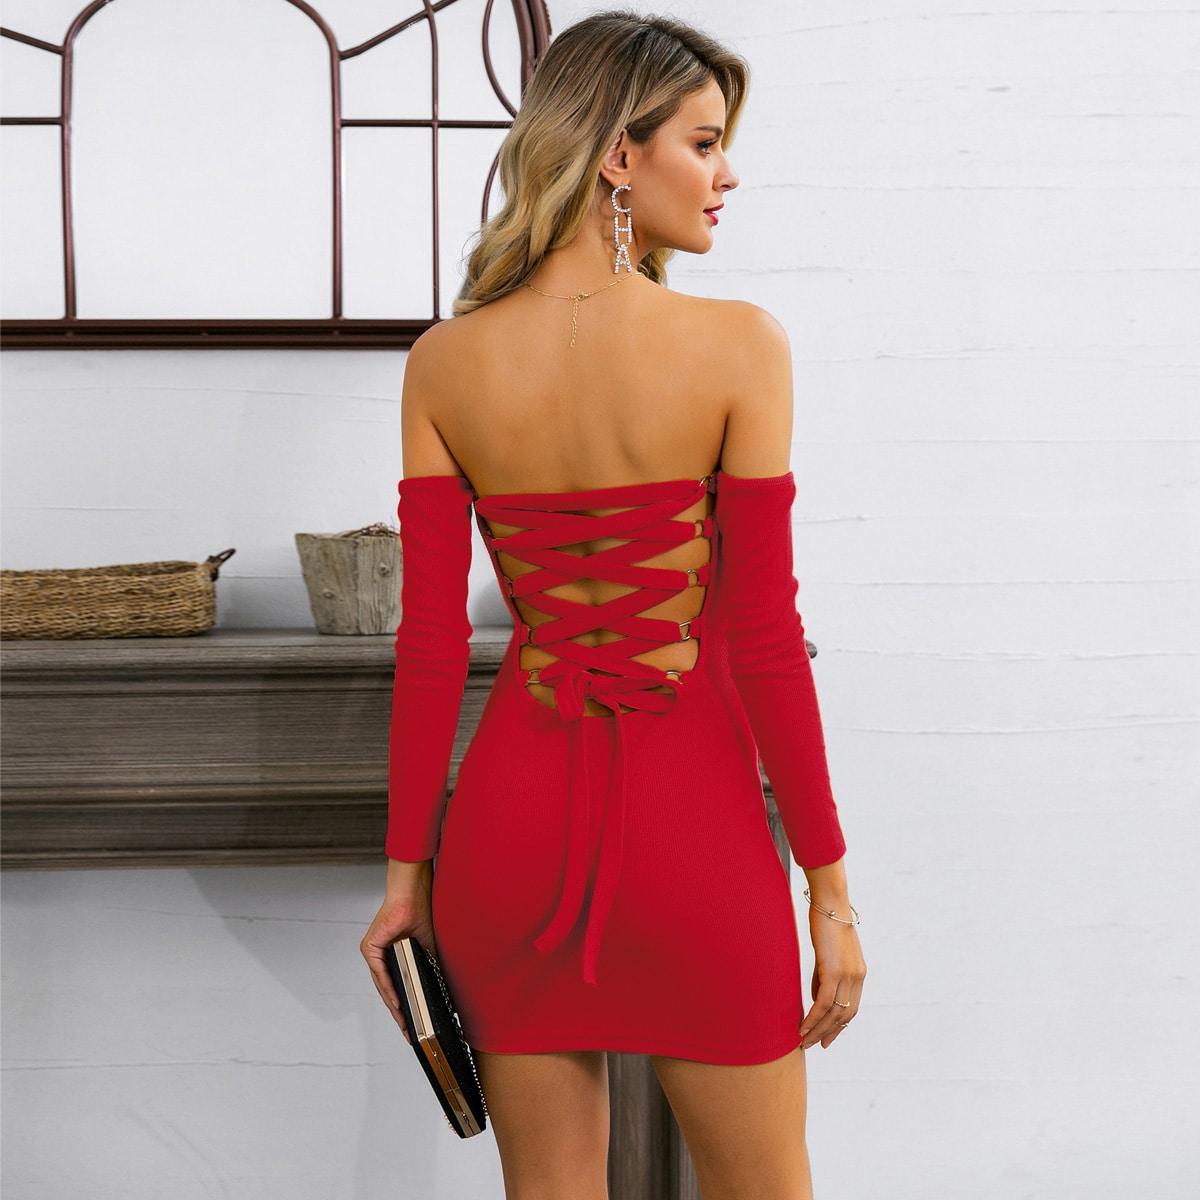 Glamaker облегающее платье с открытыми плечами на шнурках Image